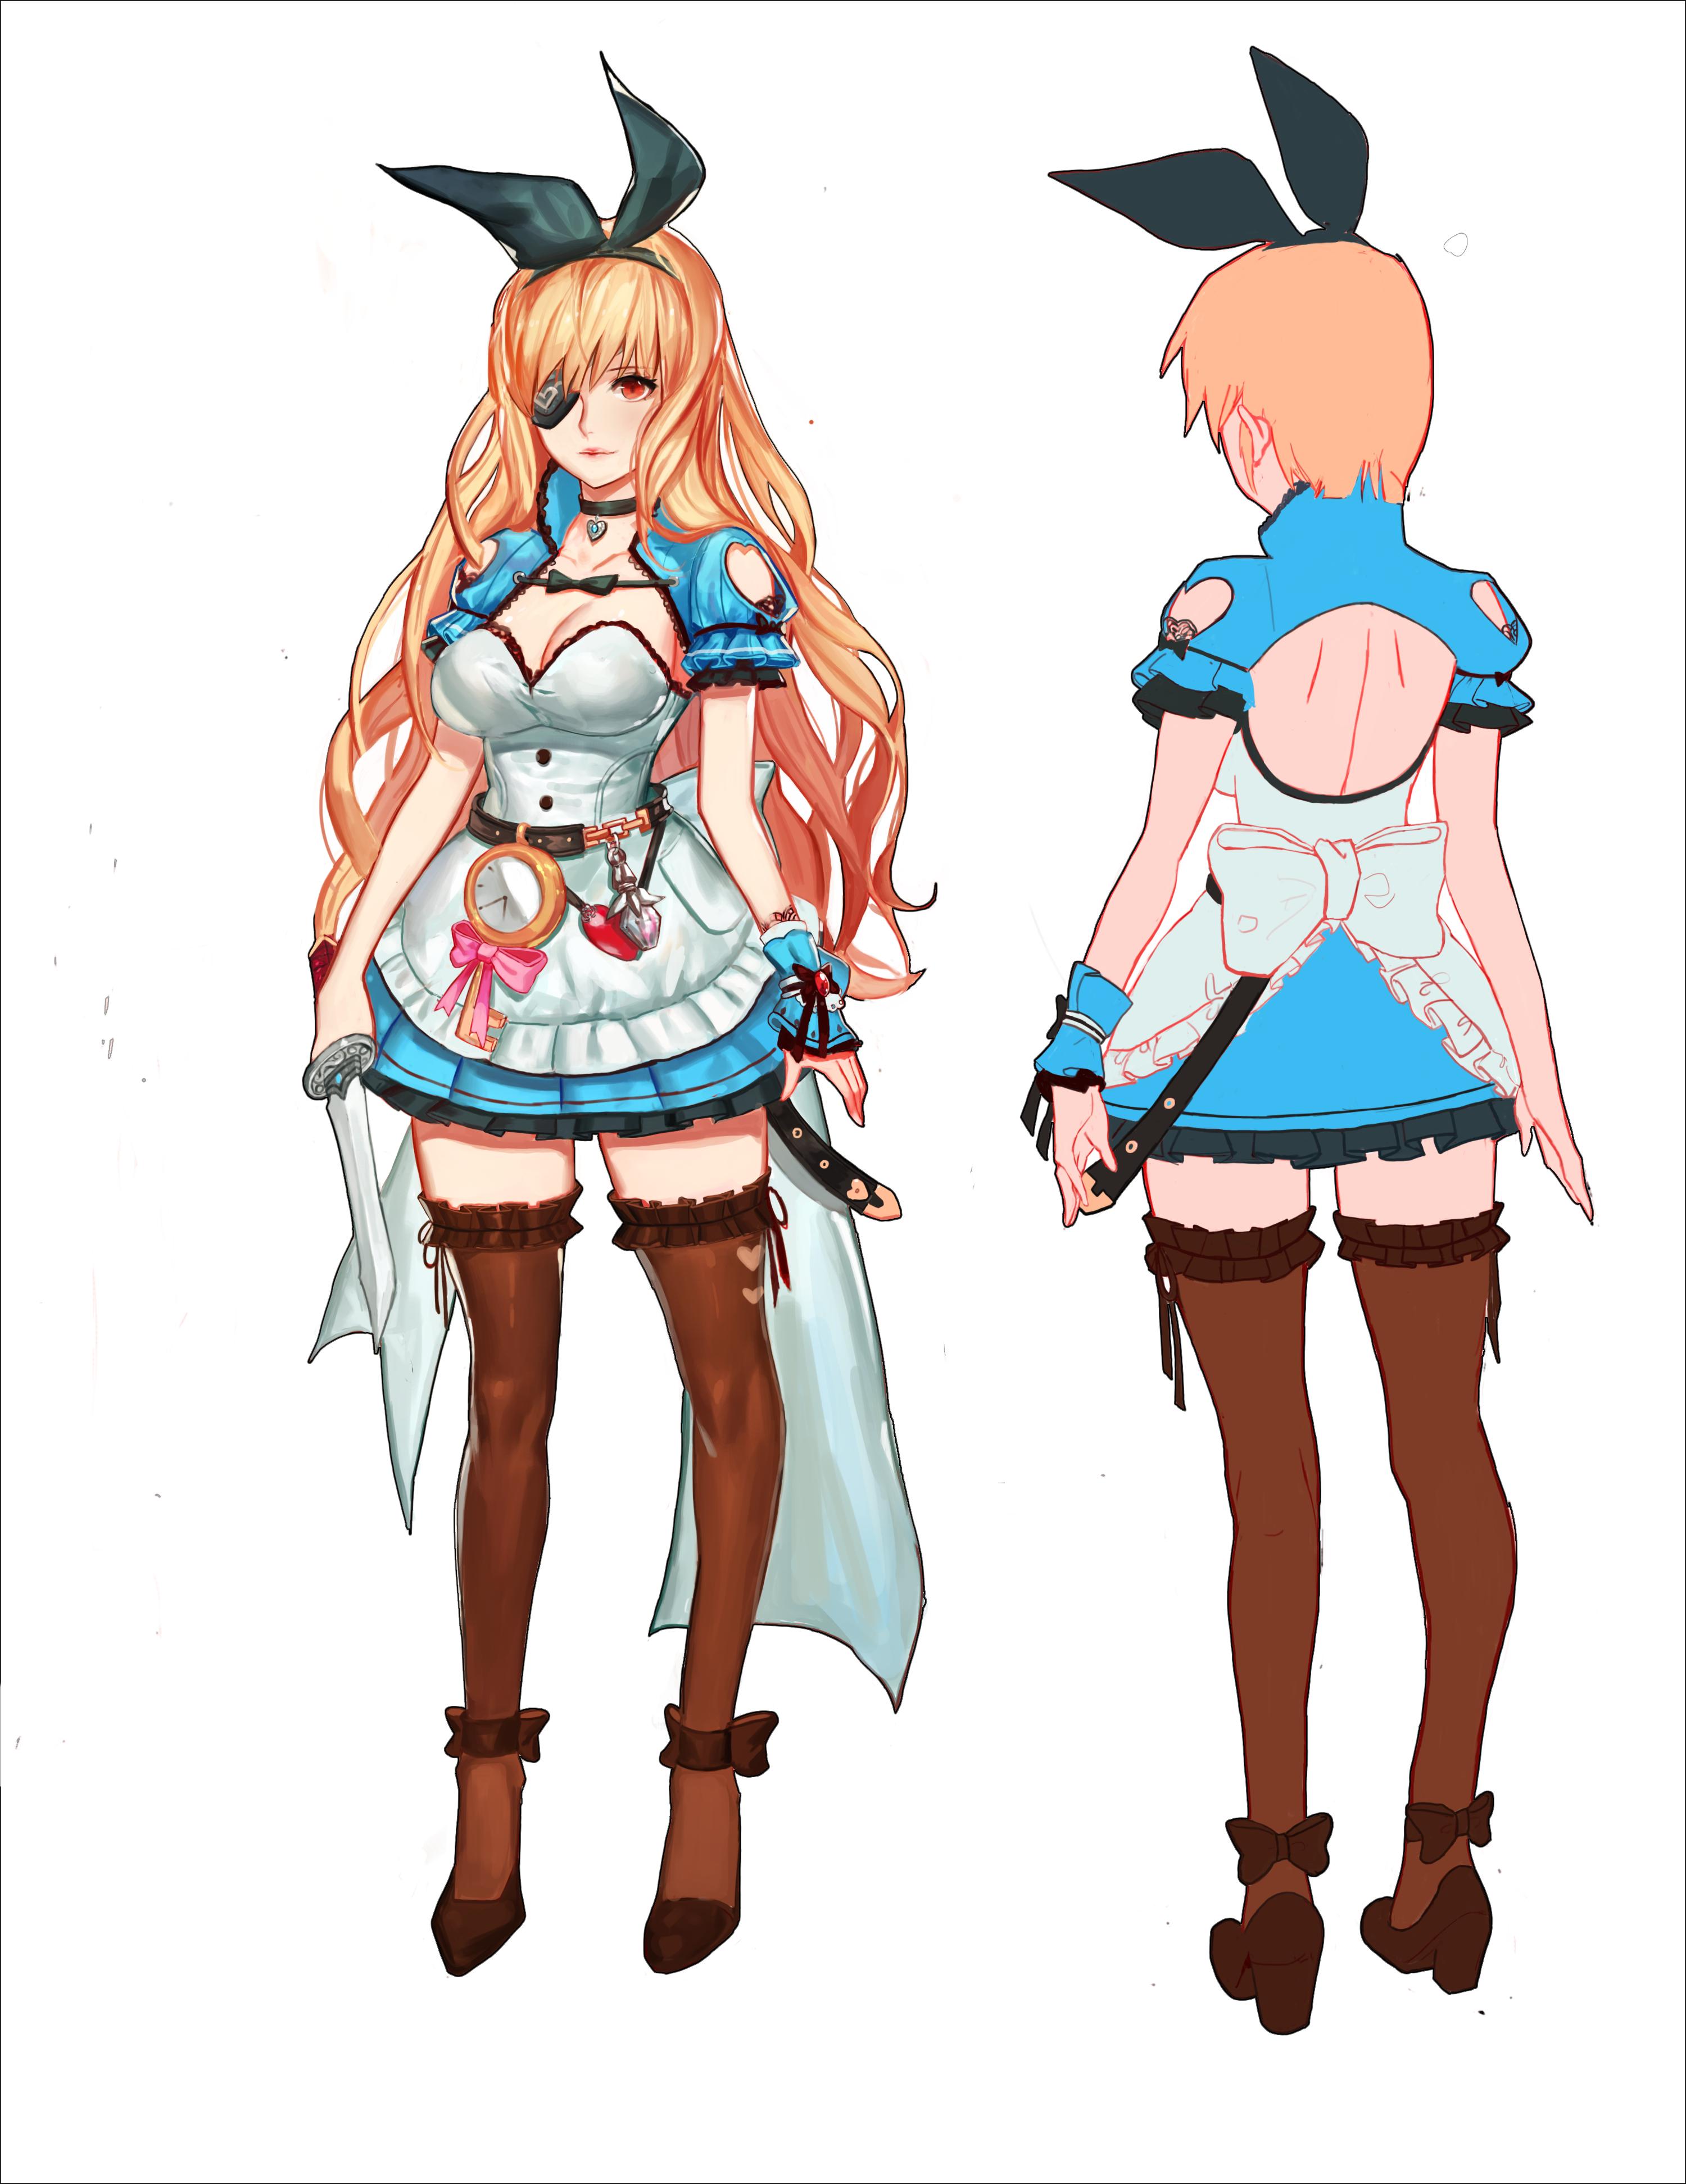 Pin on Anime Girls Blonde/Orange Hair